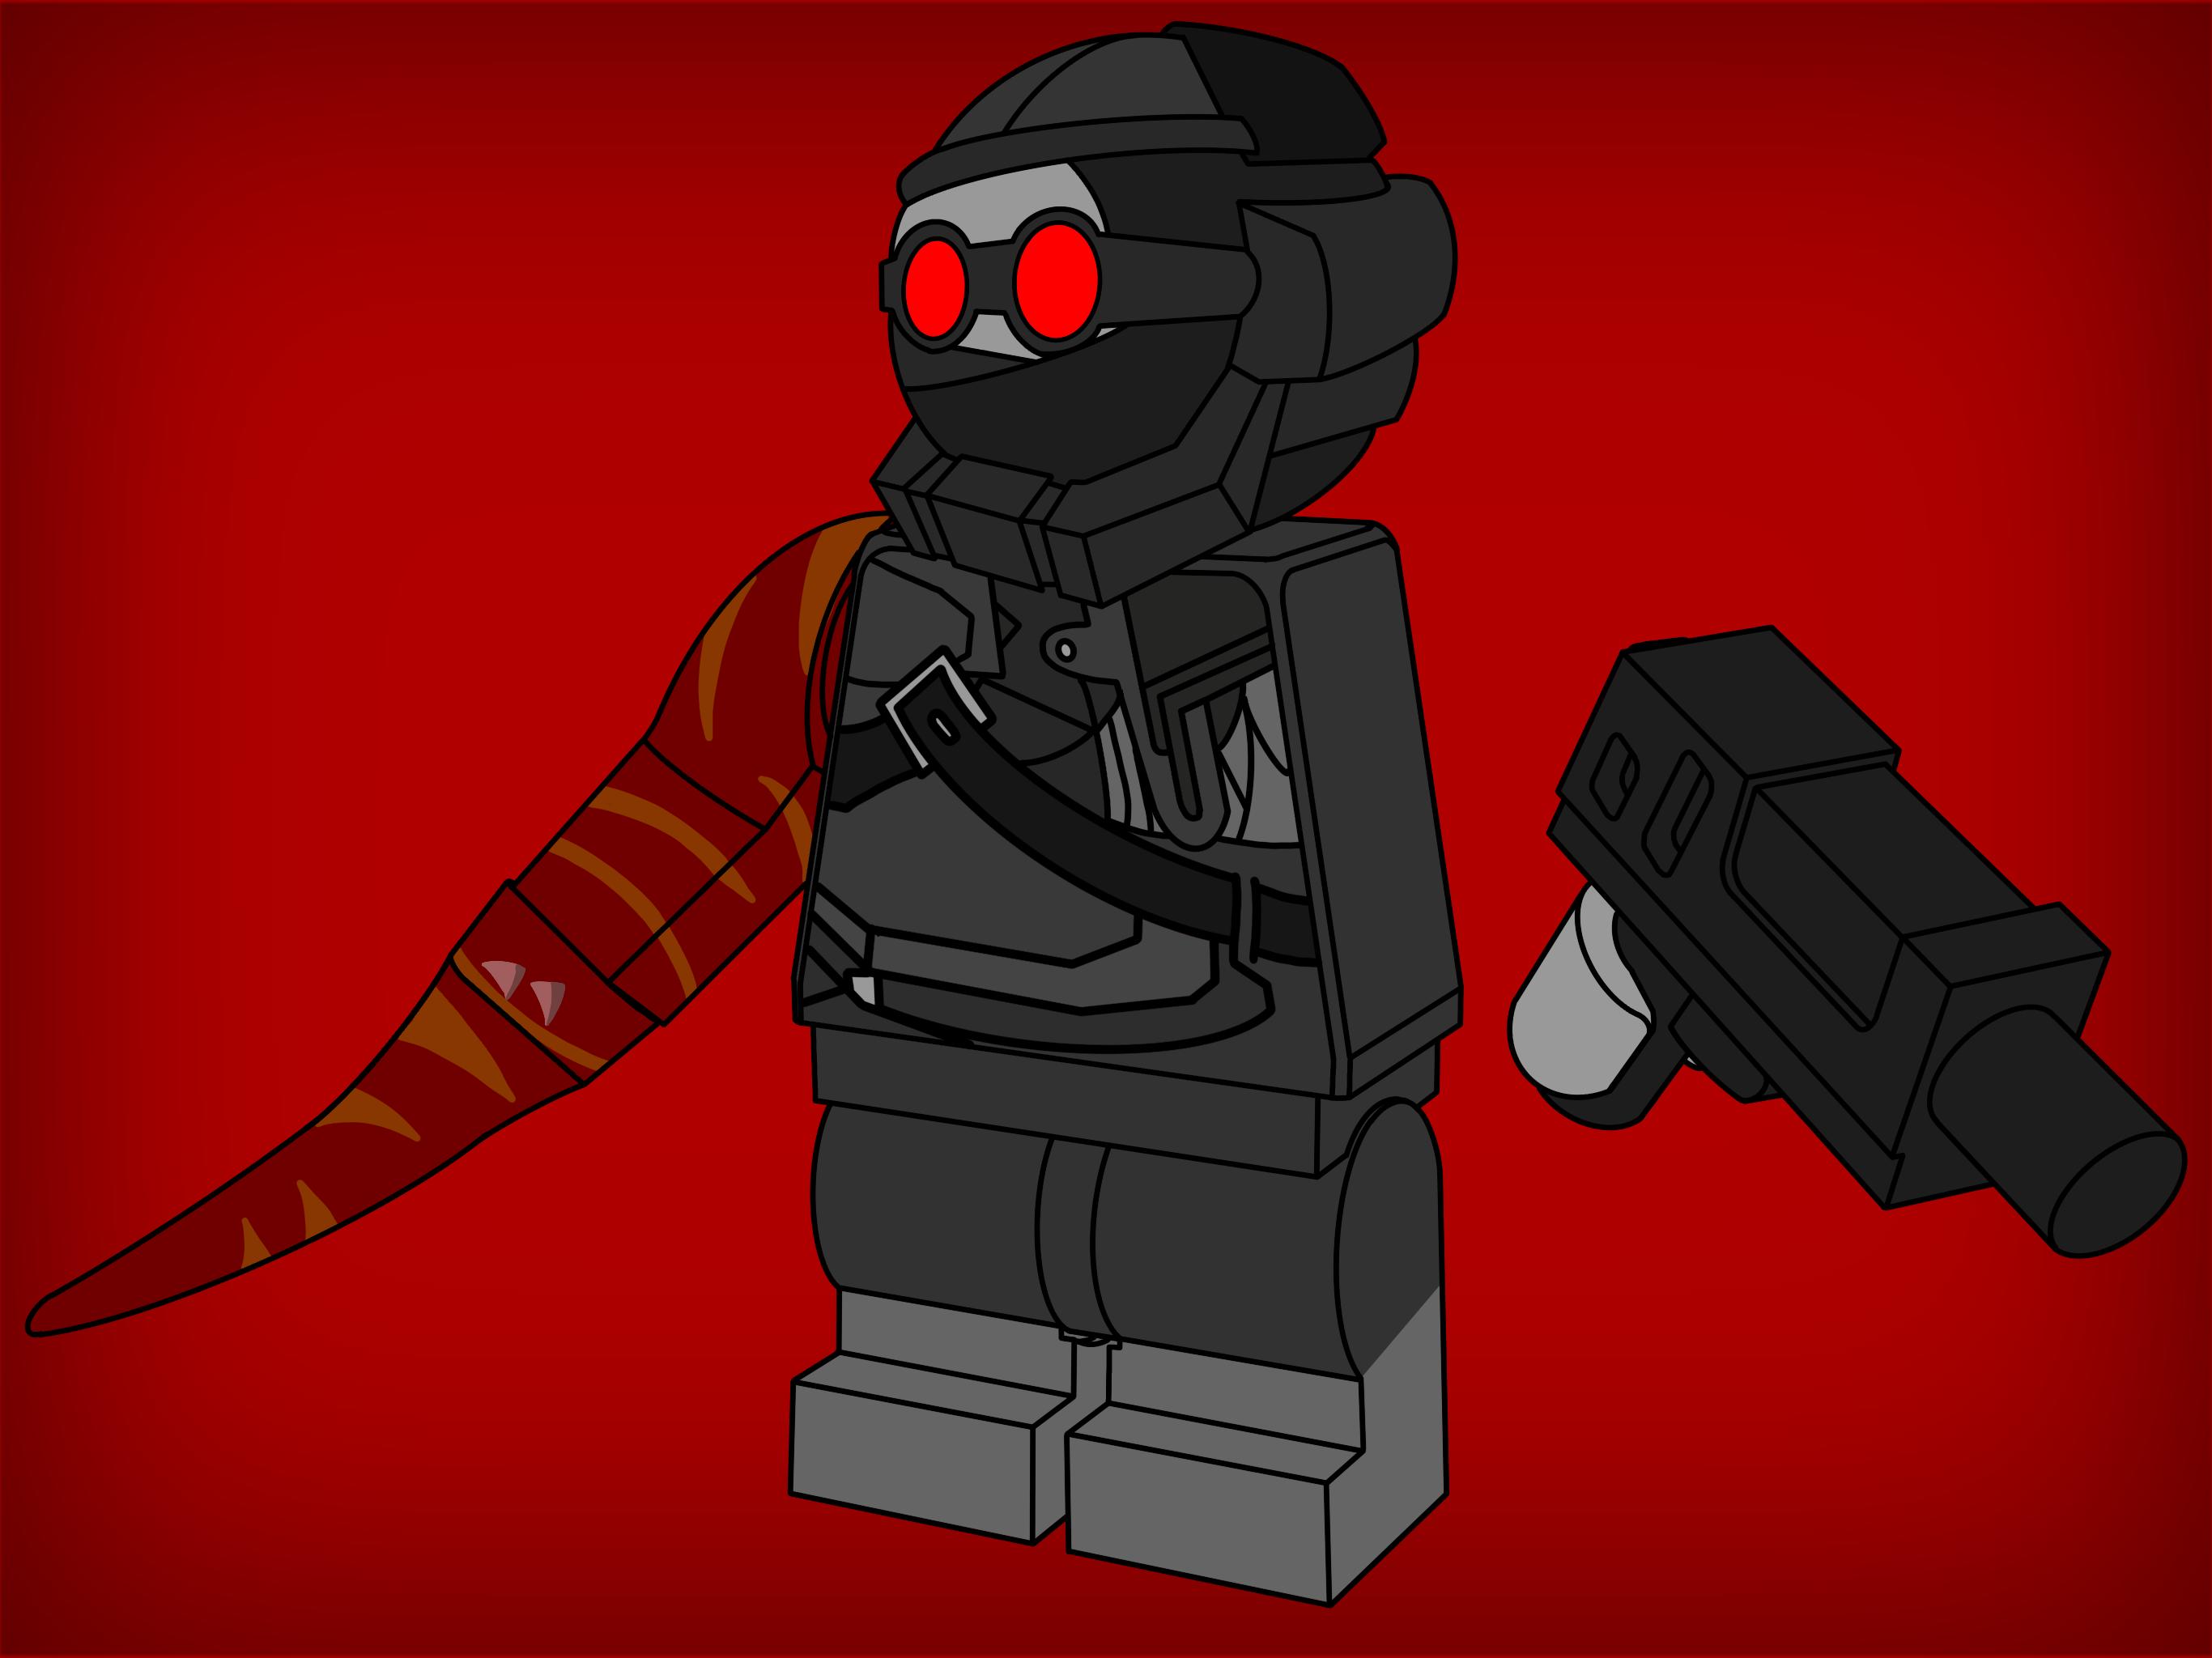 HAAAAAAAANK! in Lego!